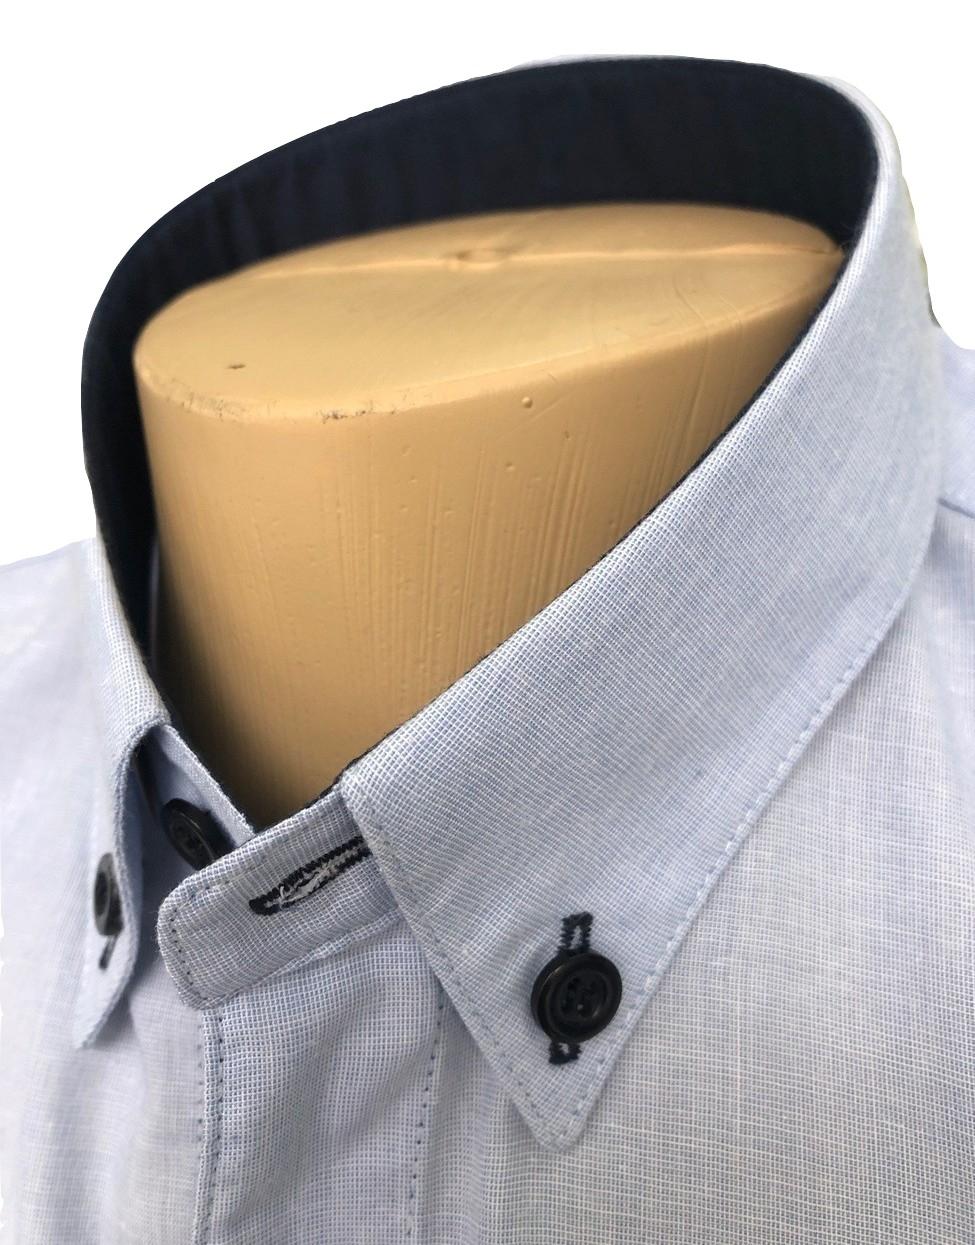 camisa cinza no detalhe gola